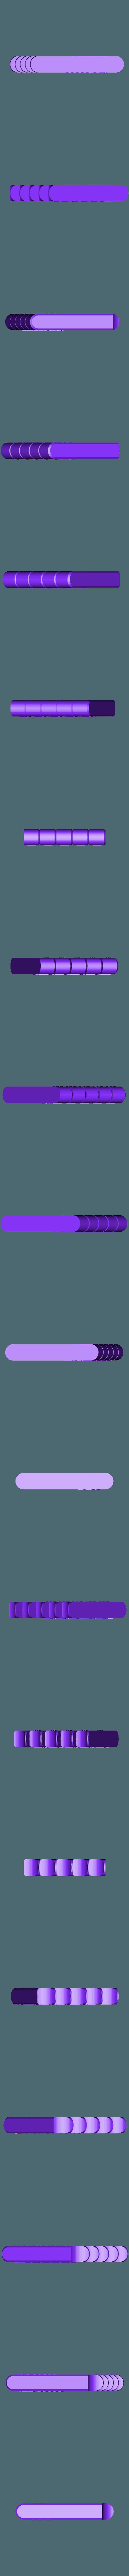 tower_20190322-49-93xd2e.stl Télécharger fichier STL gratuit tour de température d'une extrudeuse • Plan pour imprimante 3D, m3rl1n82